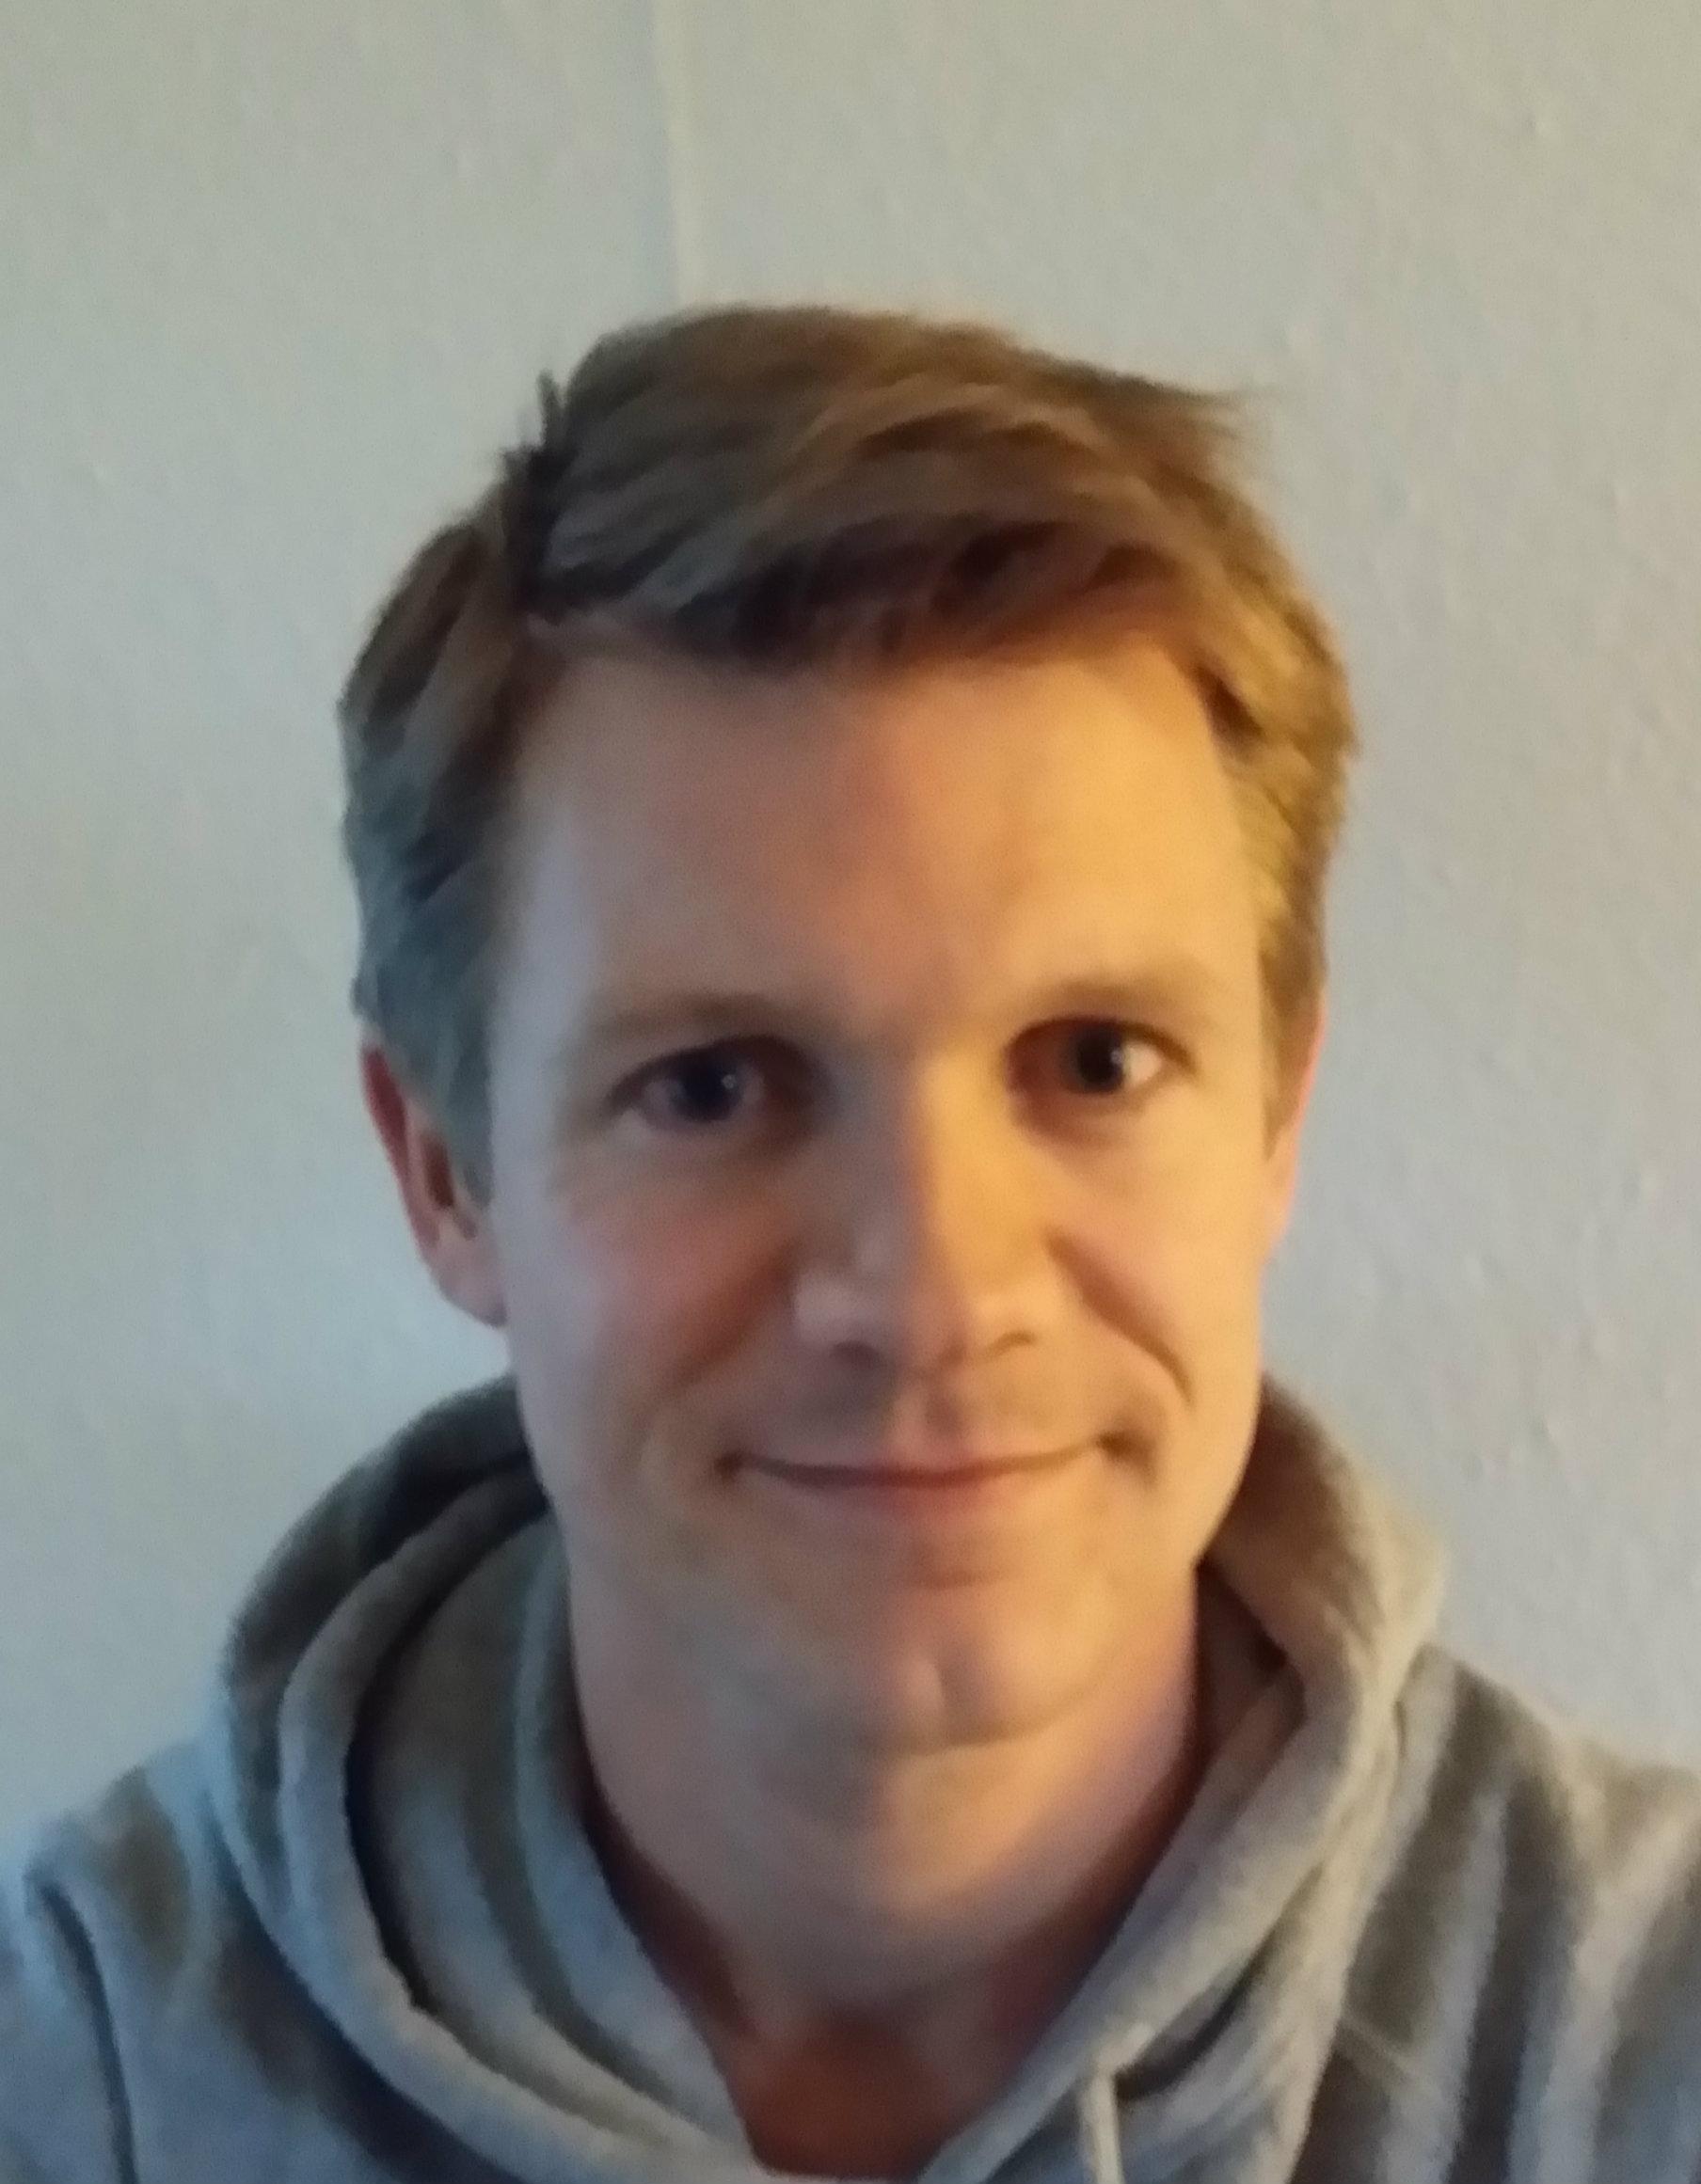 Martin Lind Mortensen